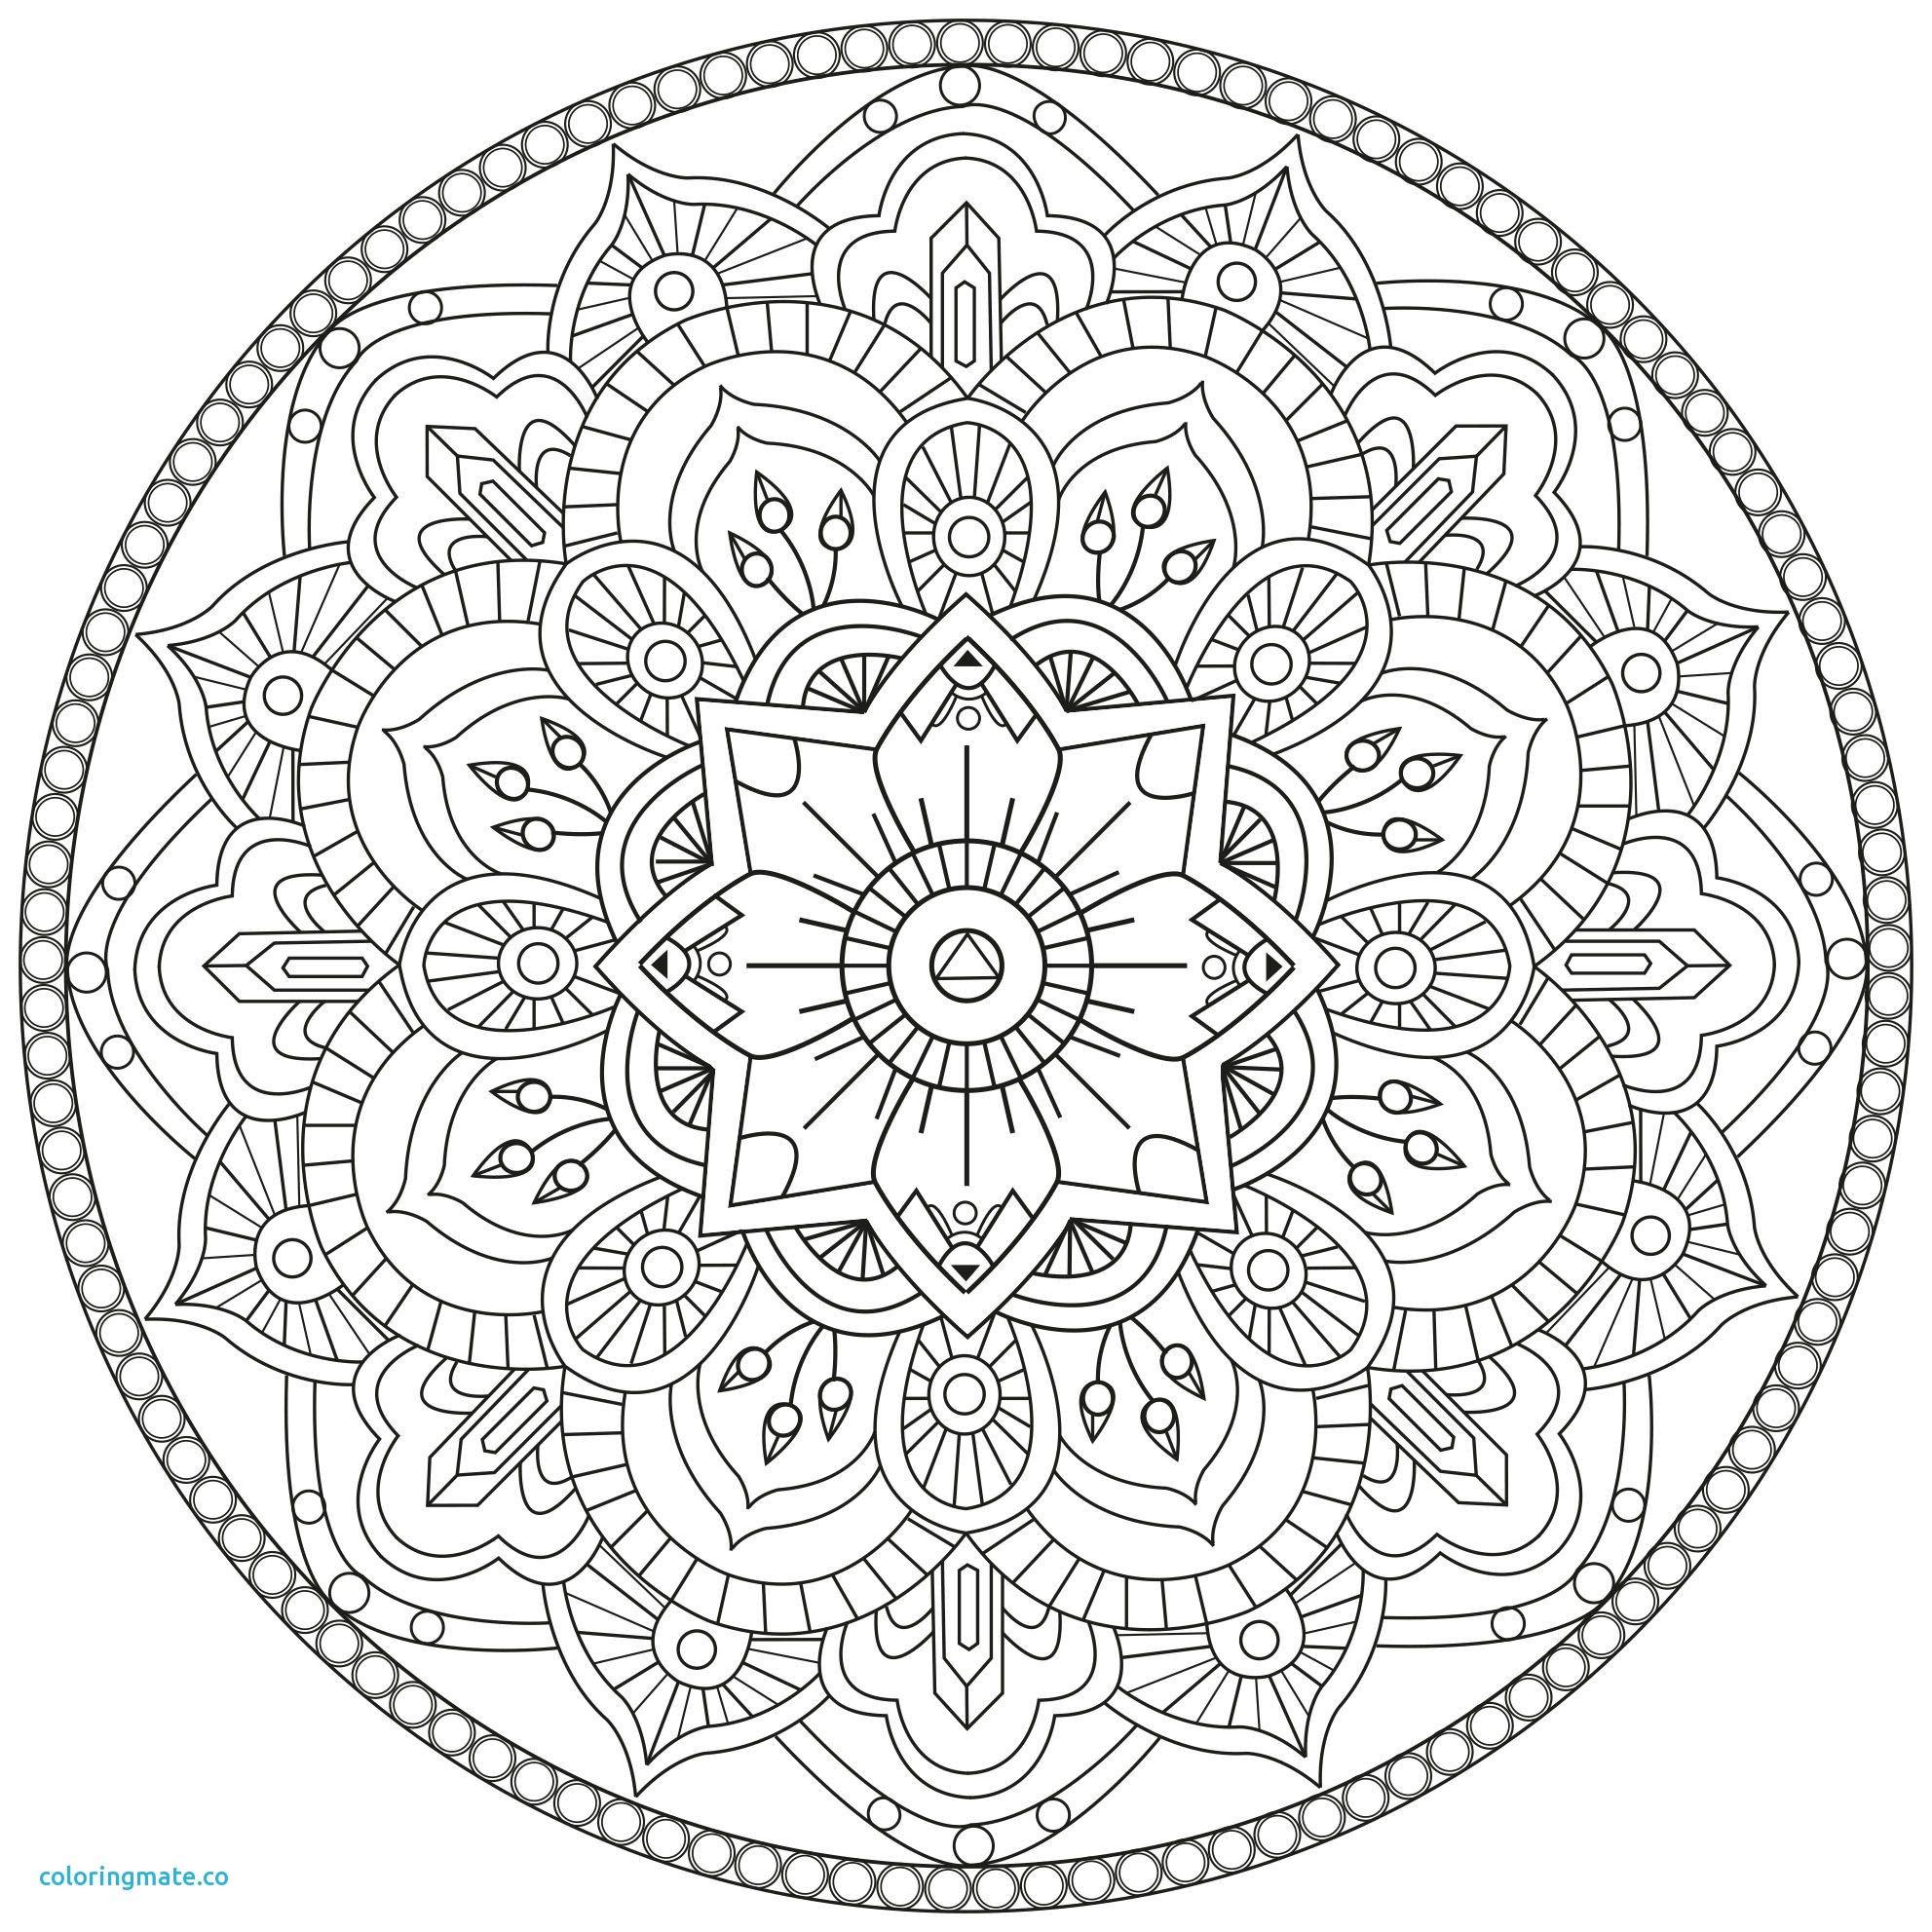 Voici Des Mandalas Difficiles Pour Adultes A Imprimer Mandala Est Of Coloriage Manda Mandala A Imprimer Coloriage Mandala A Imprimer Mandala A Imprimer Gratuit